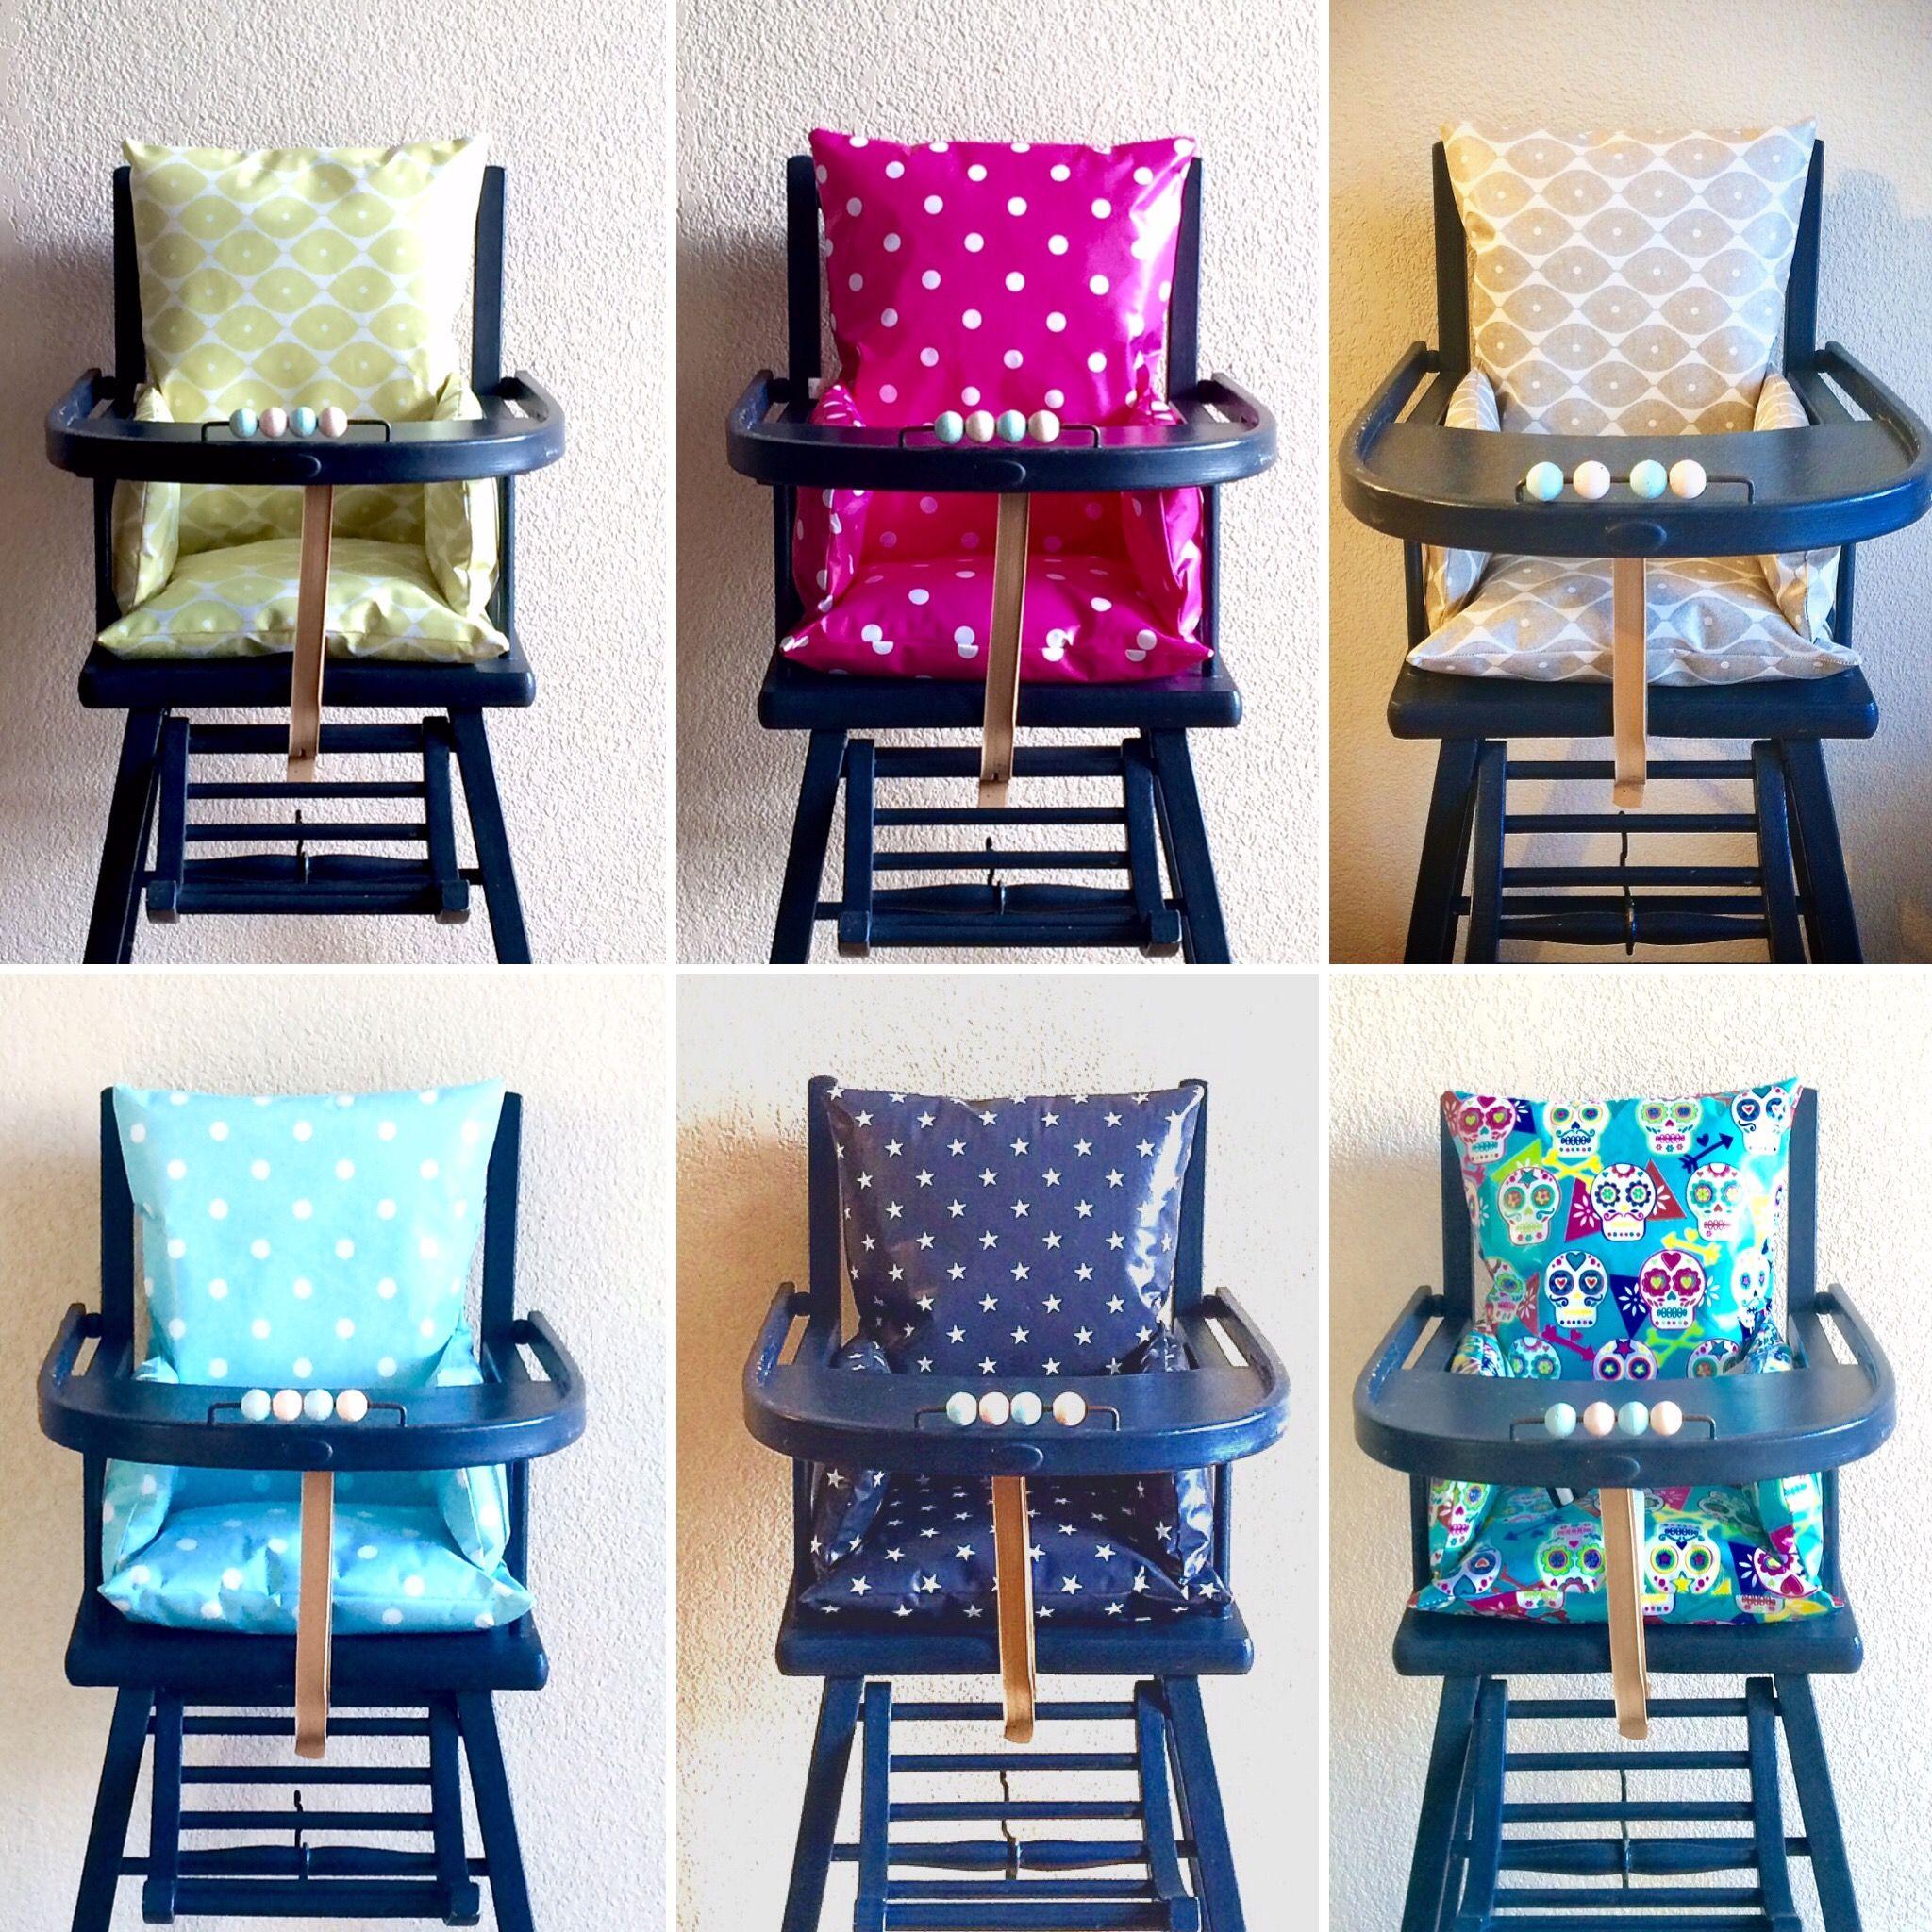 Coussins De Chaise Haute Coussin De Chaise Haute Vert Anis Coussin De Chaise Haute Rose Fushia Coussin De Chaise Haute Unique Items Products Etsy Seller Etsy